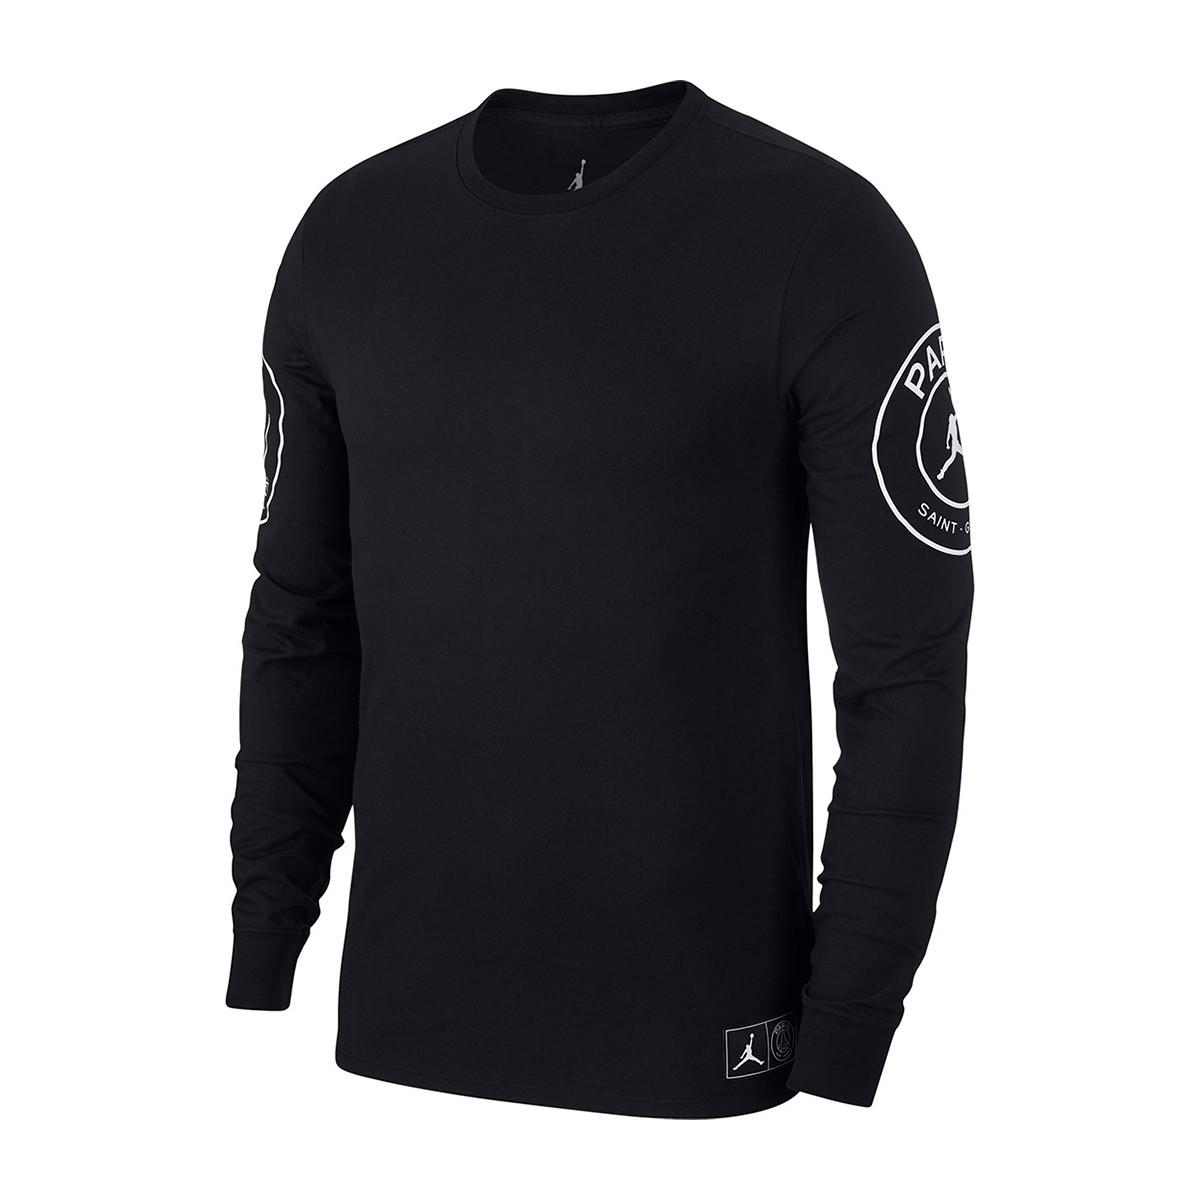 f15ebc494 Camiseta Nike Jordan x PSG STMT Black-White - Tienda de fútbol Fútbol  Emotion